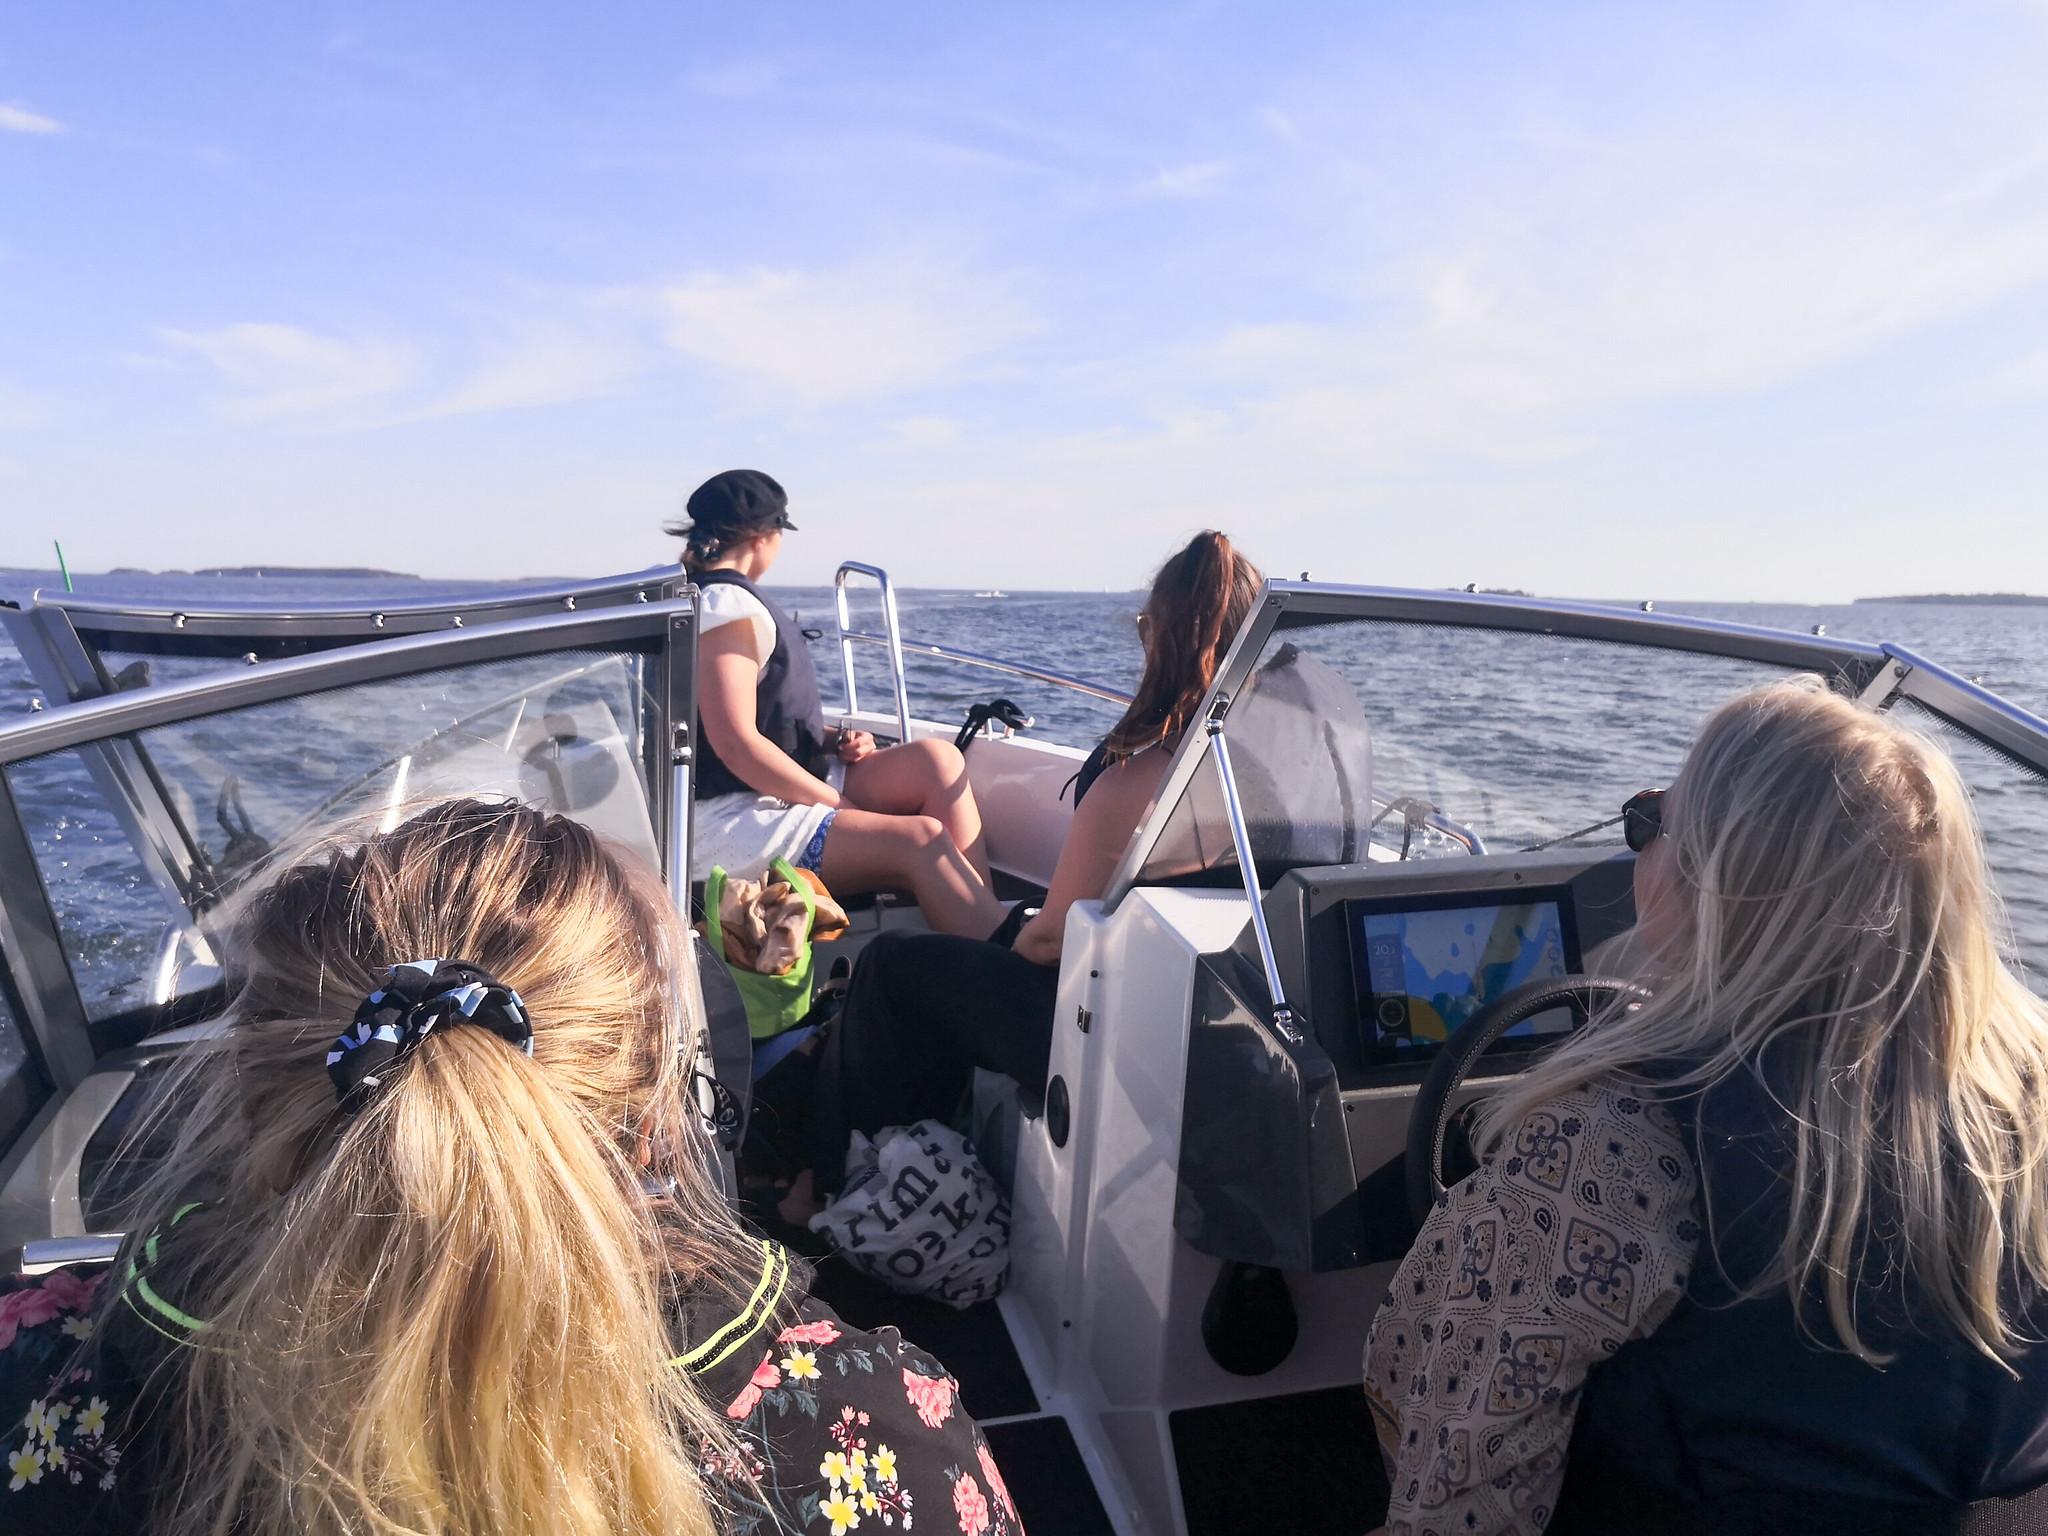 Aloittelevat veneilijät vesillä, Skipperin veneellä.